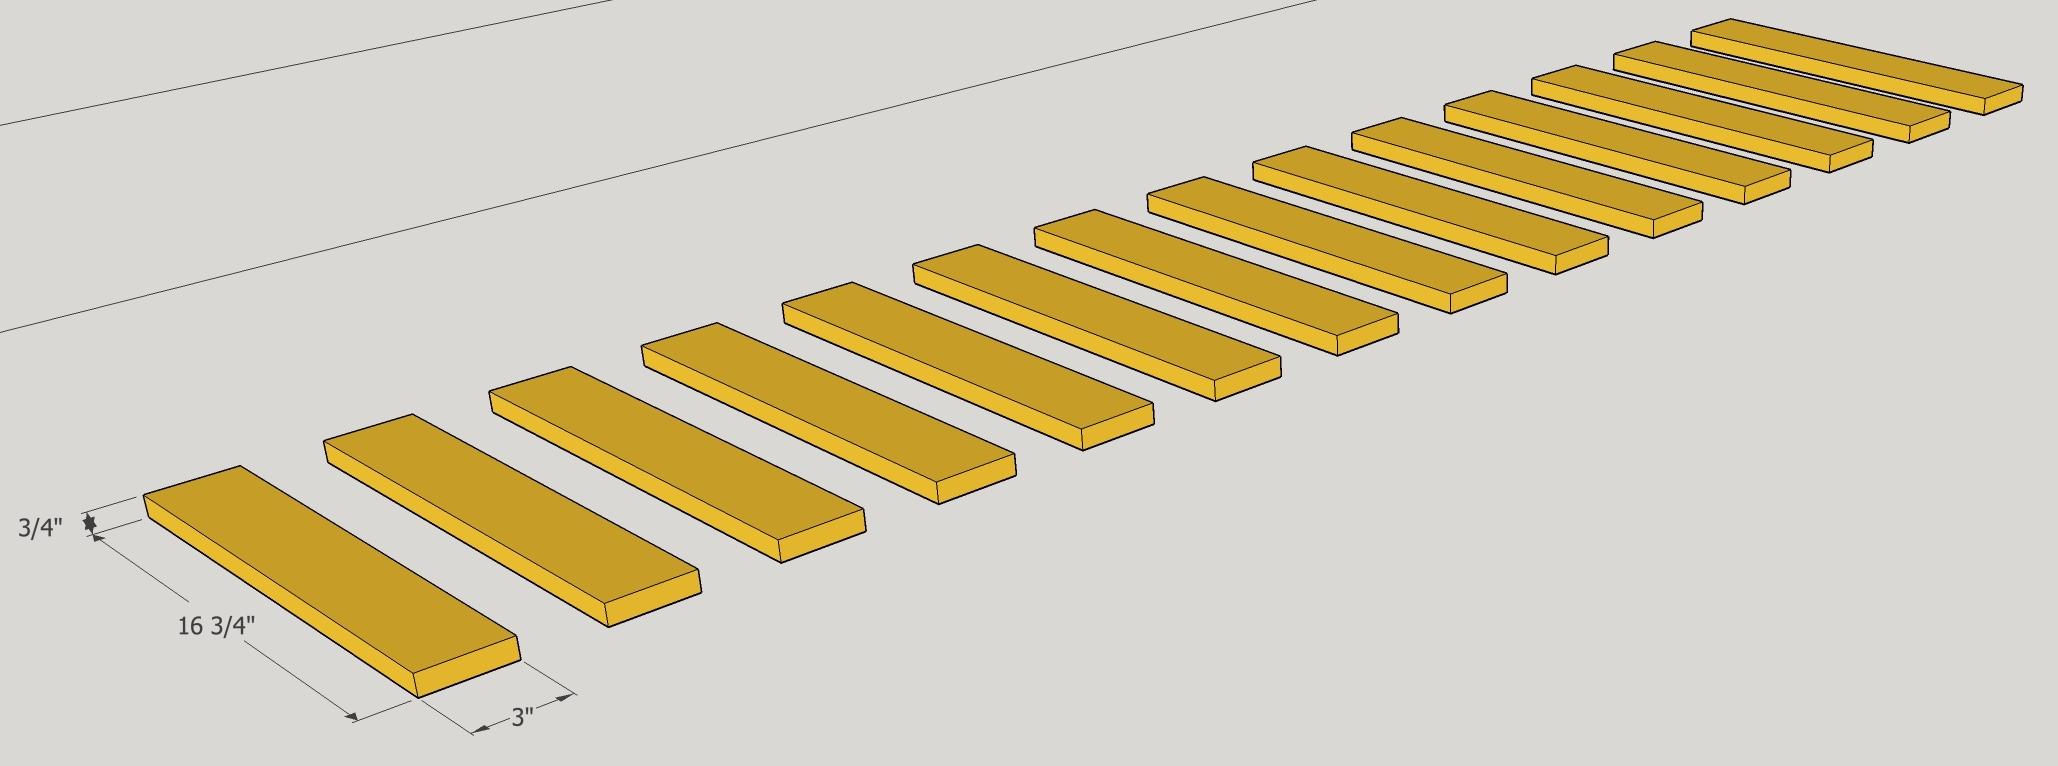 slats dimensions